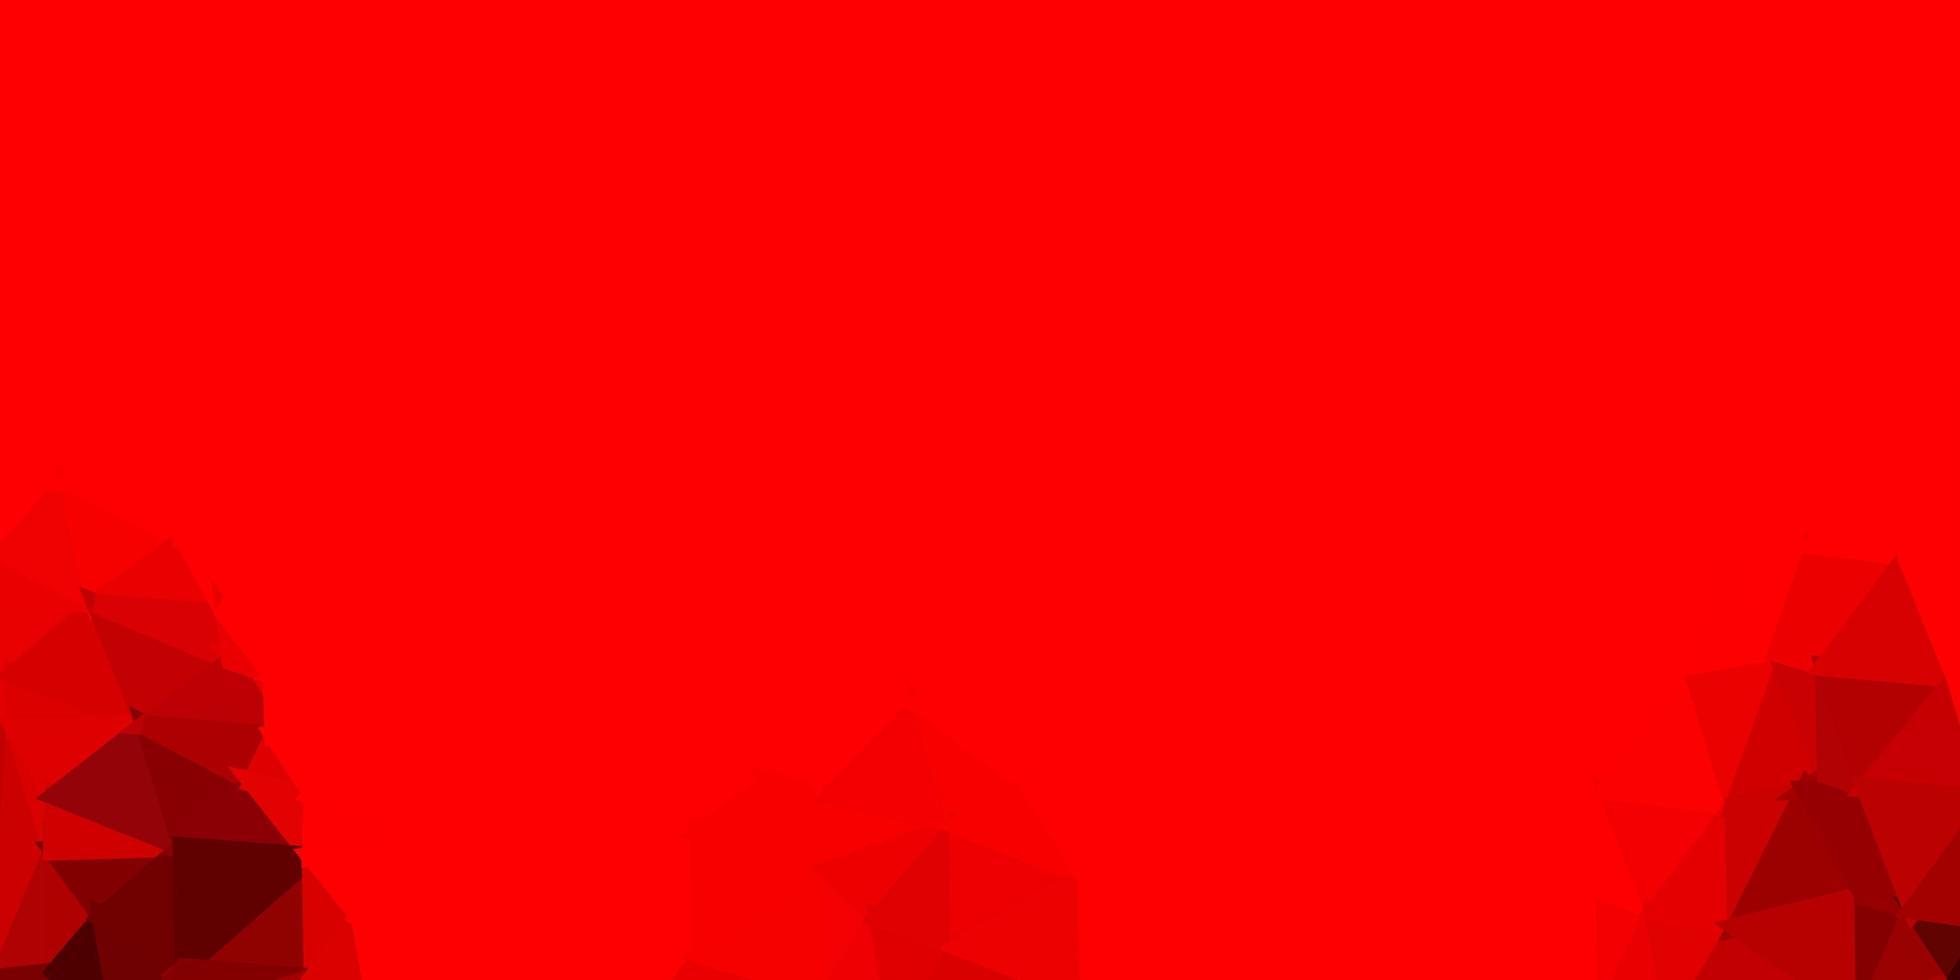 ljusröd vektor poly triangel konsistens.